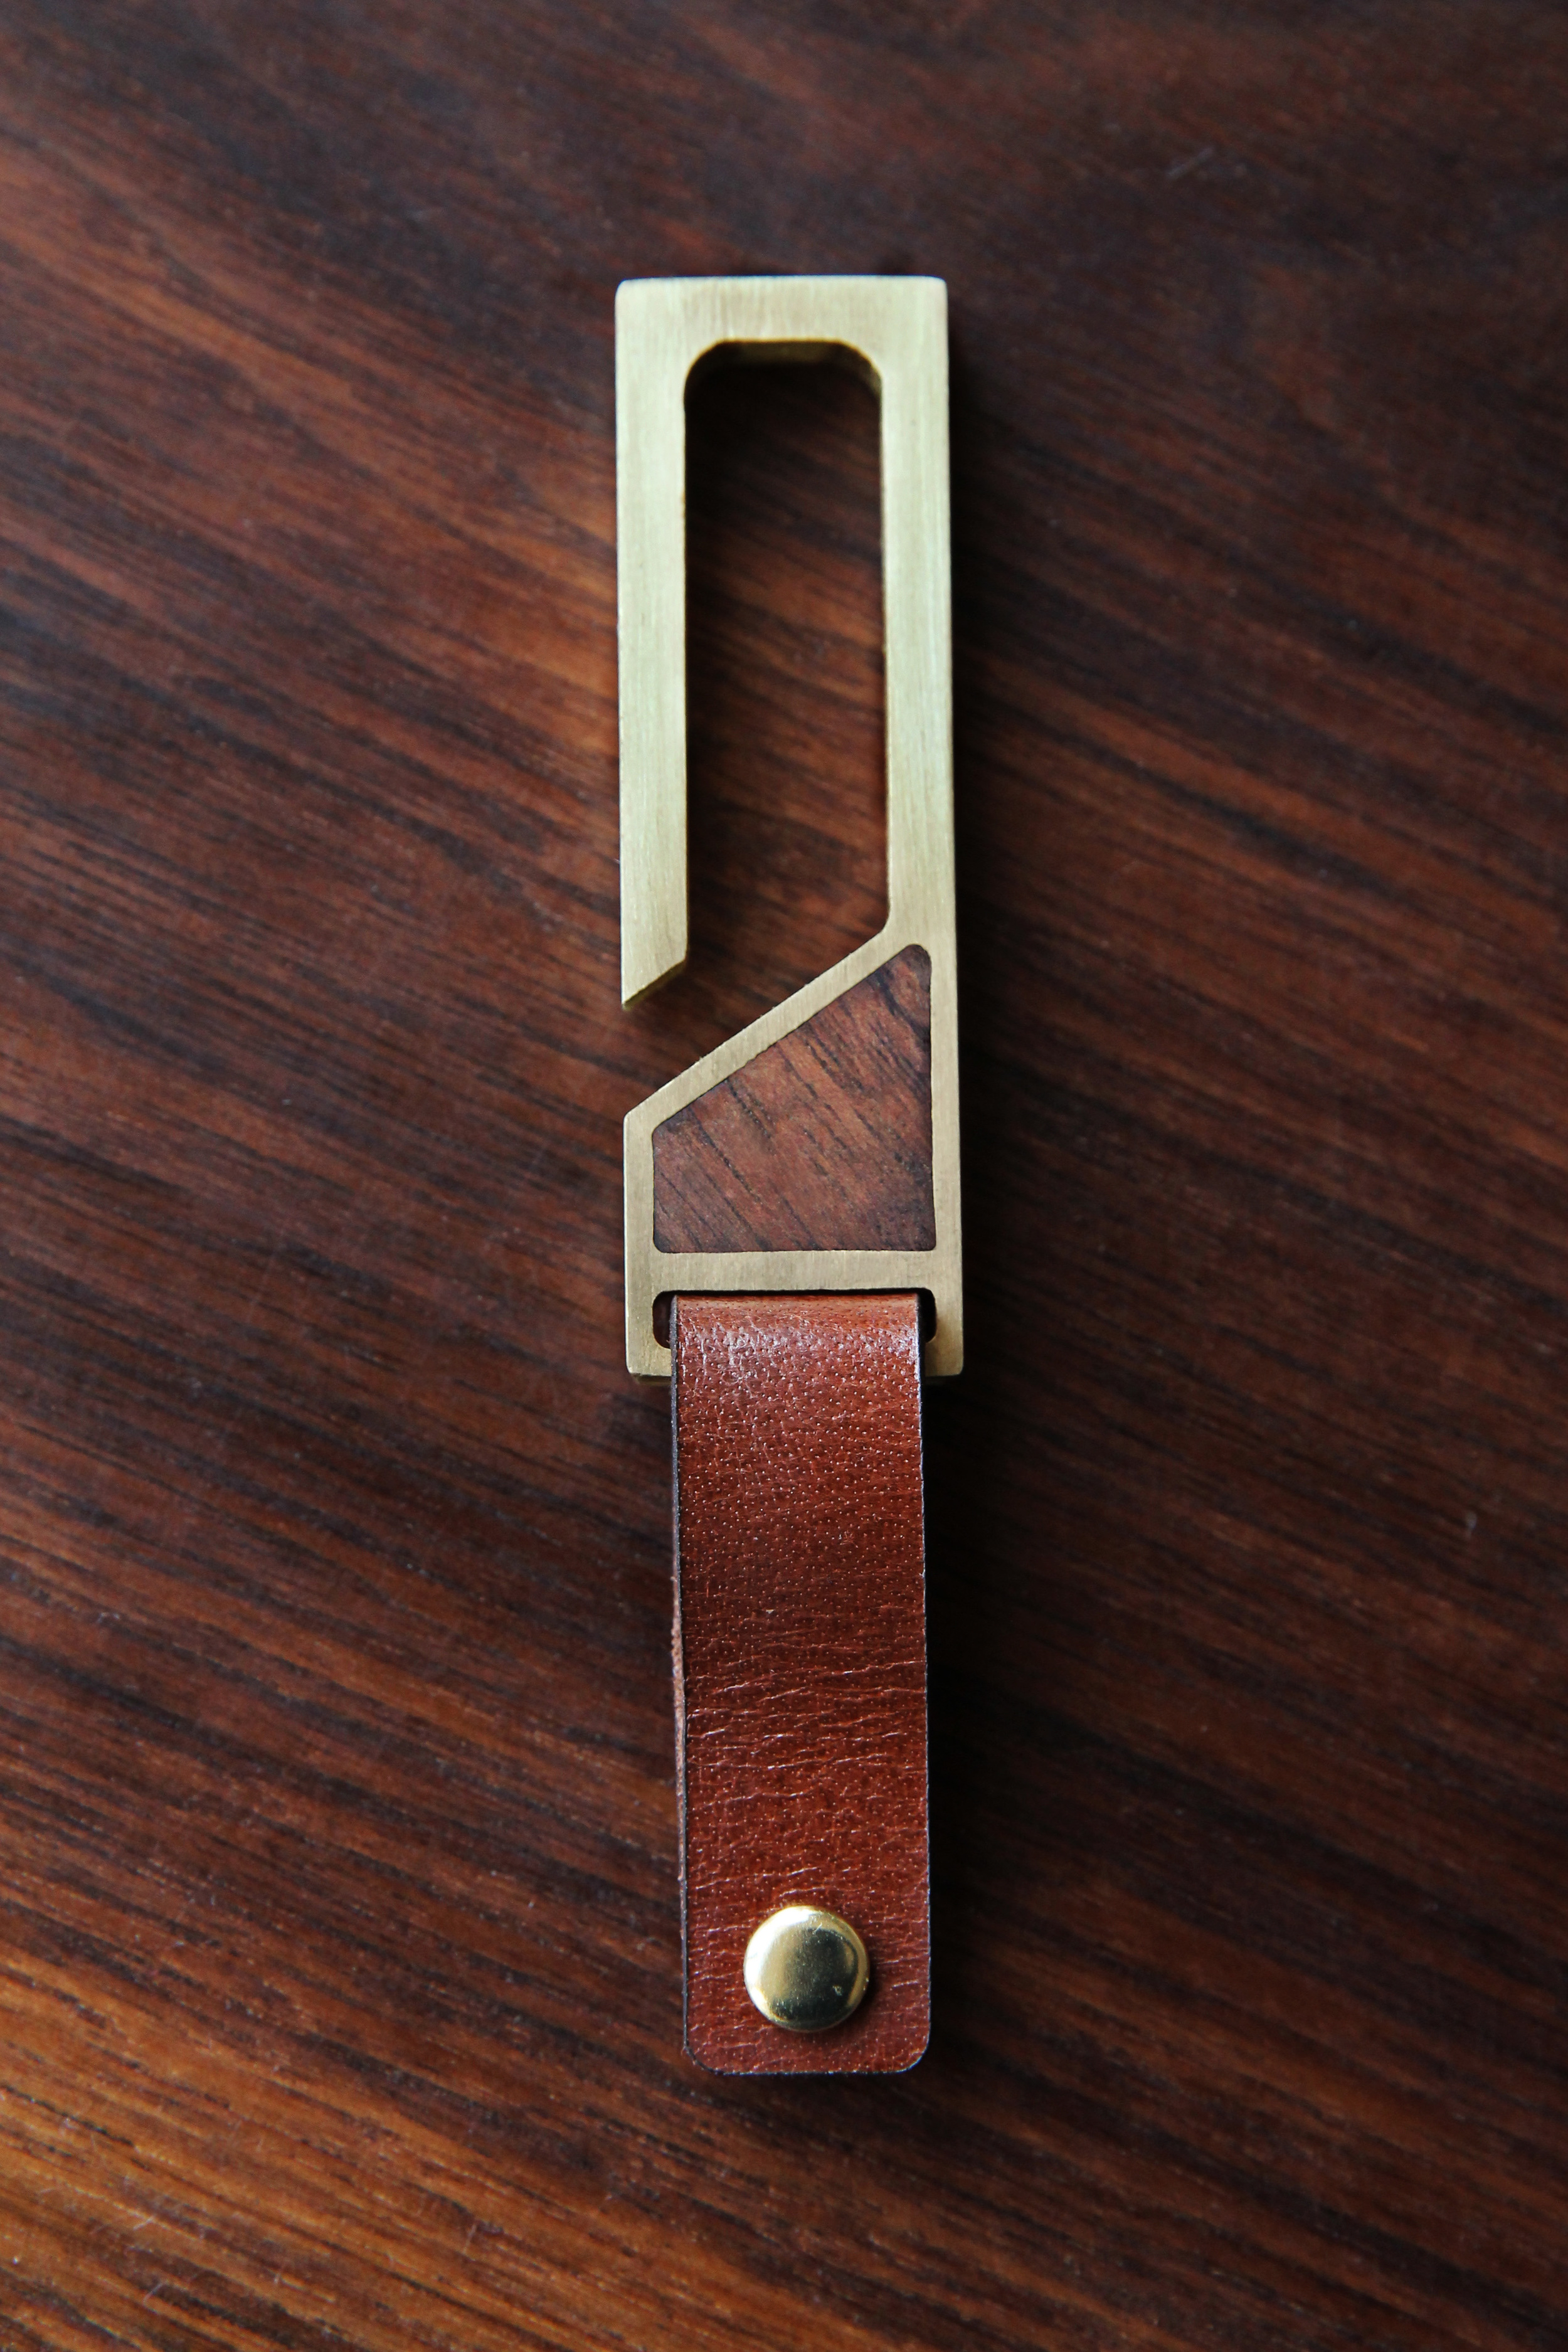 Key Hook - $36